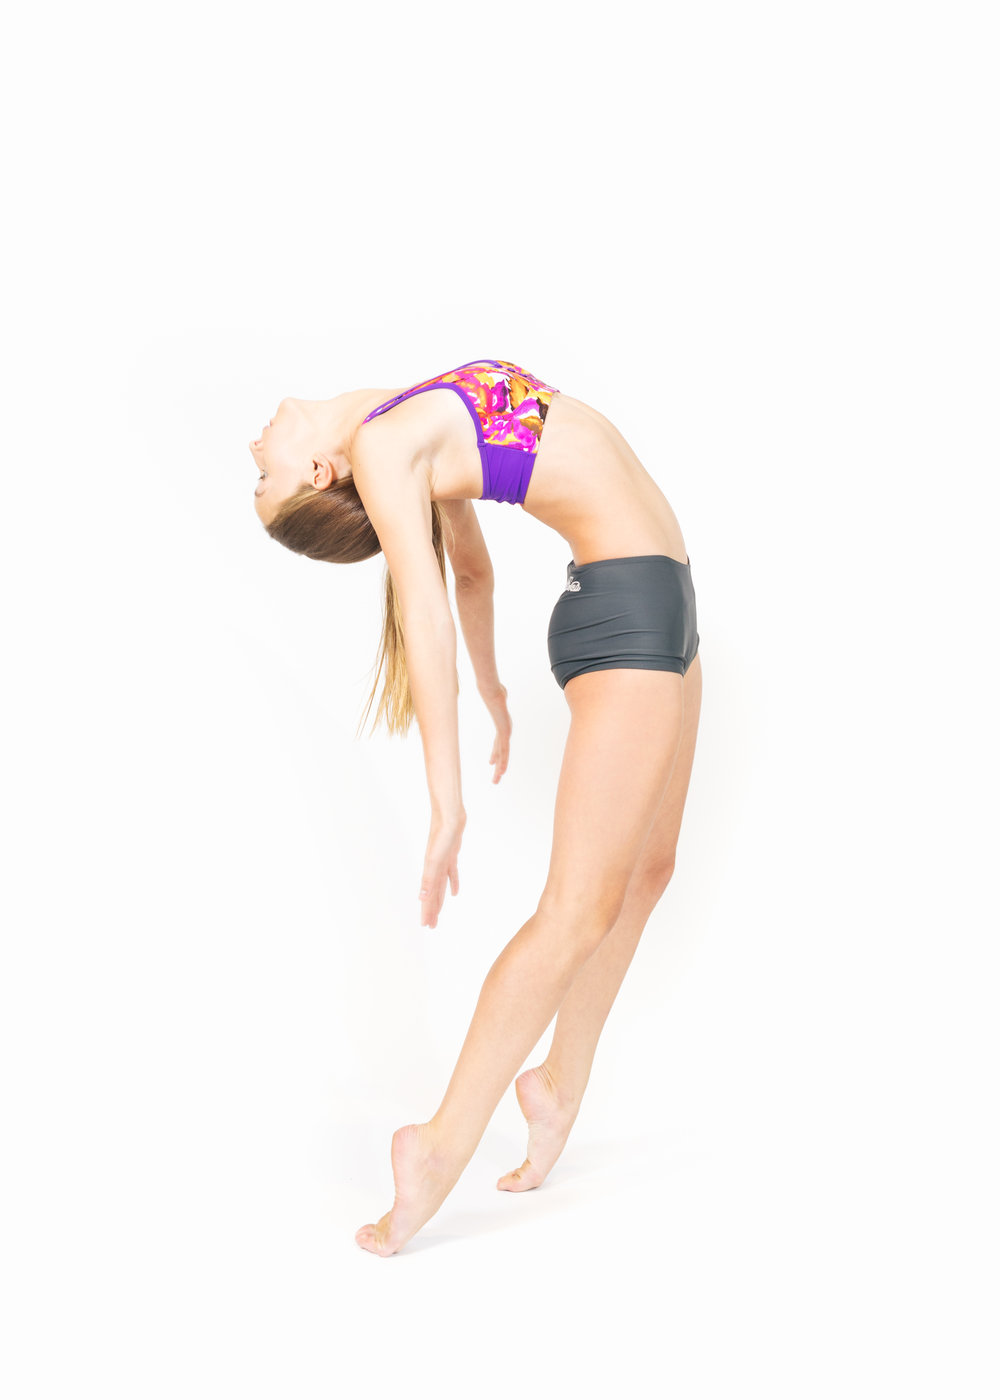 August 2017 Portland Dance Center Emma Devin 0G5A6203.jpg